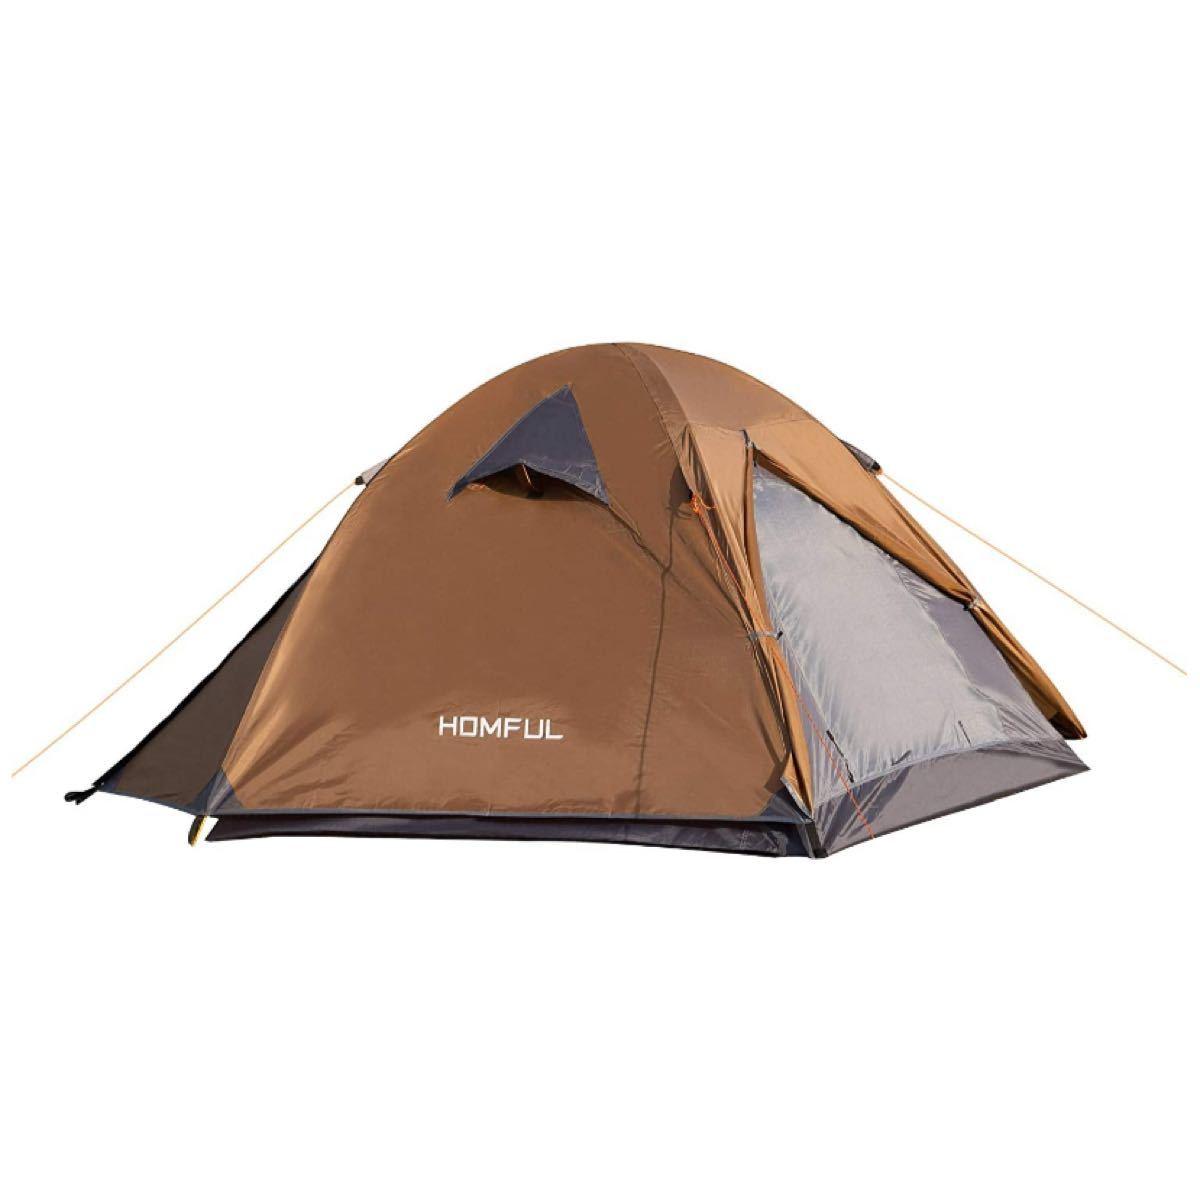 キャンプテント2人用 設営簡単 防災用 キャンプ用品 登山 折りたたみ 超軽量